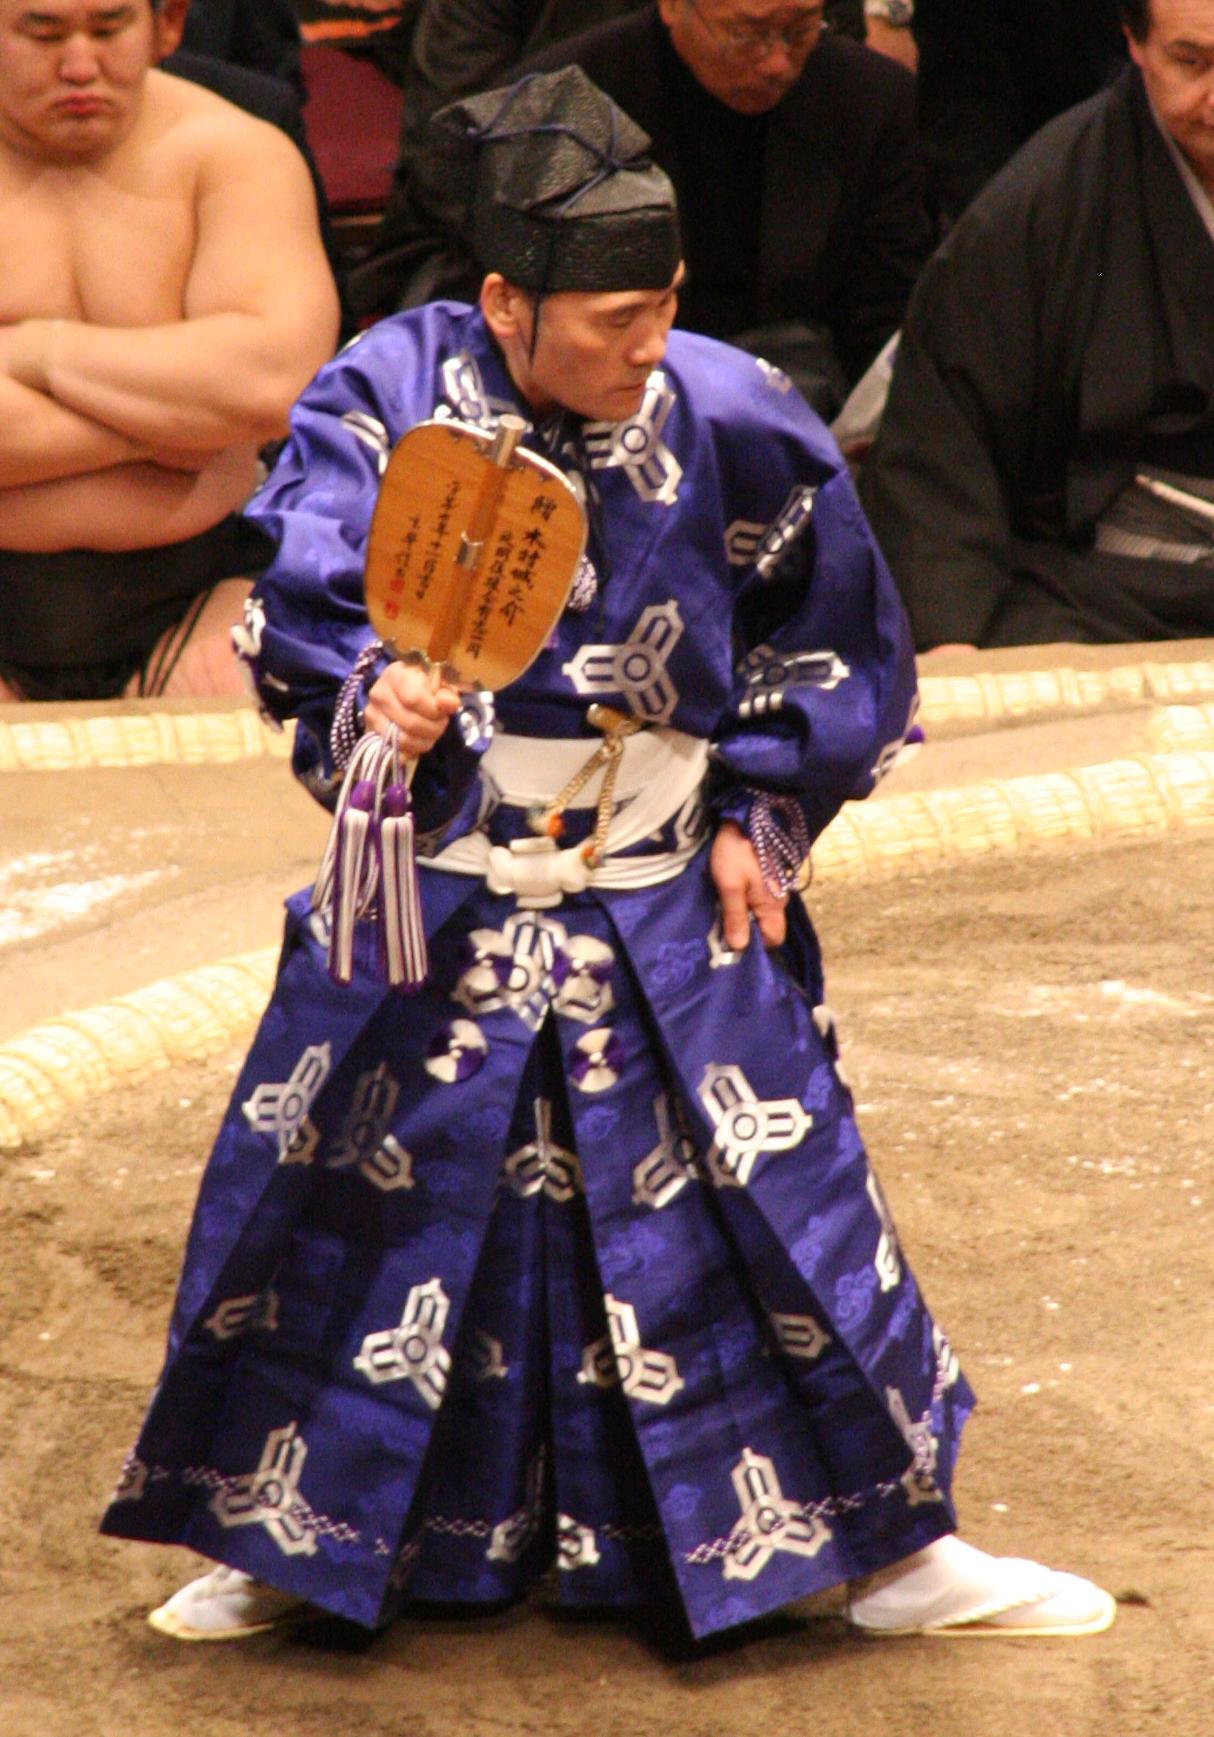 Japanilainen sumoka ennen taistelua sotaviuhkoineen. Photo by Eckhard Pecher, Licence: CC Atribution 3.0 Unported